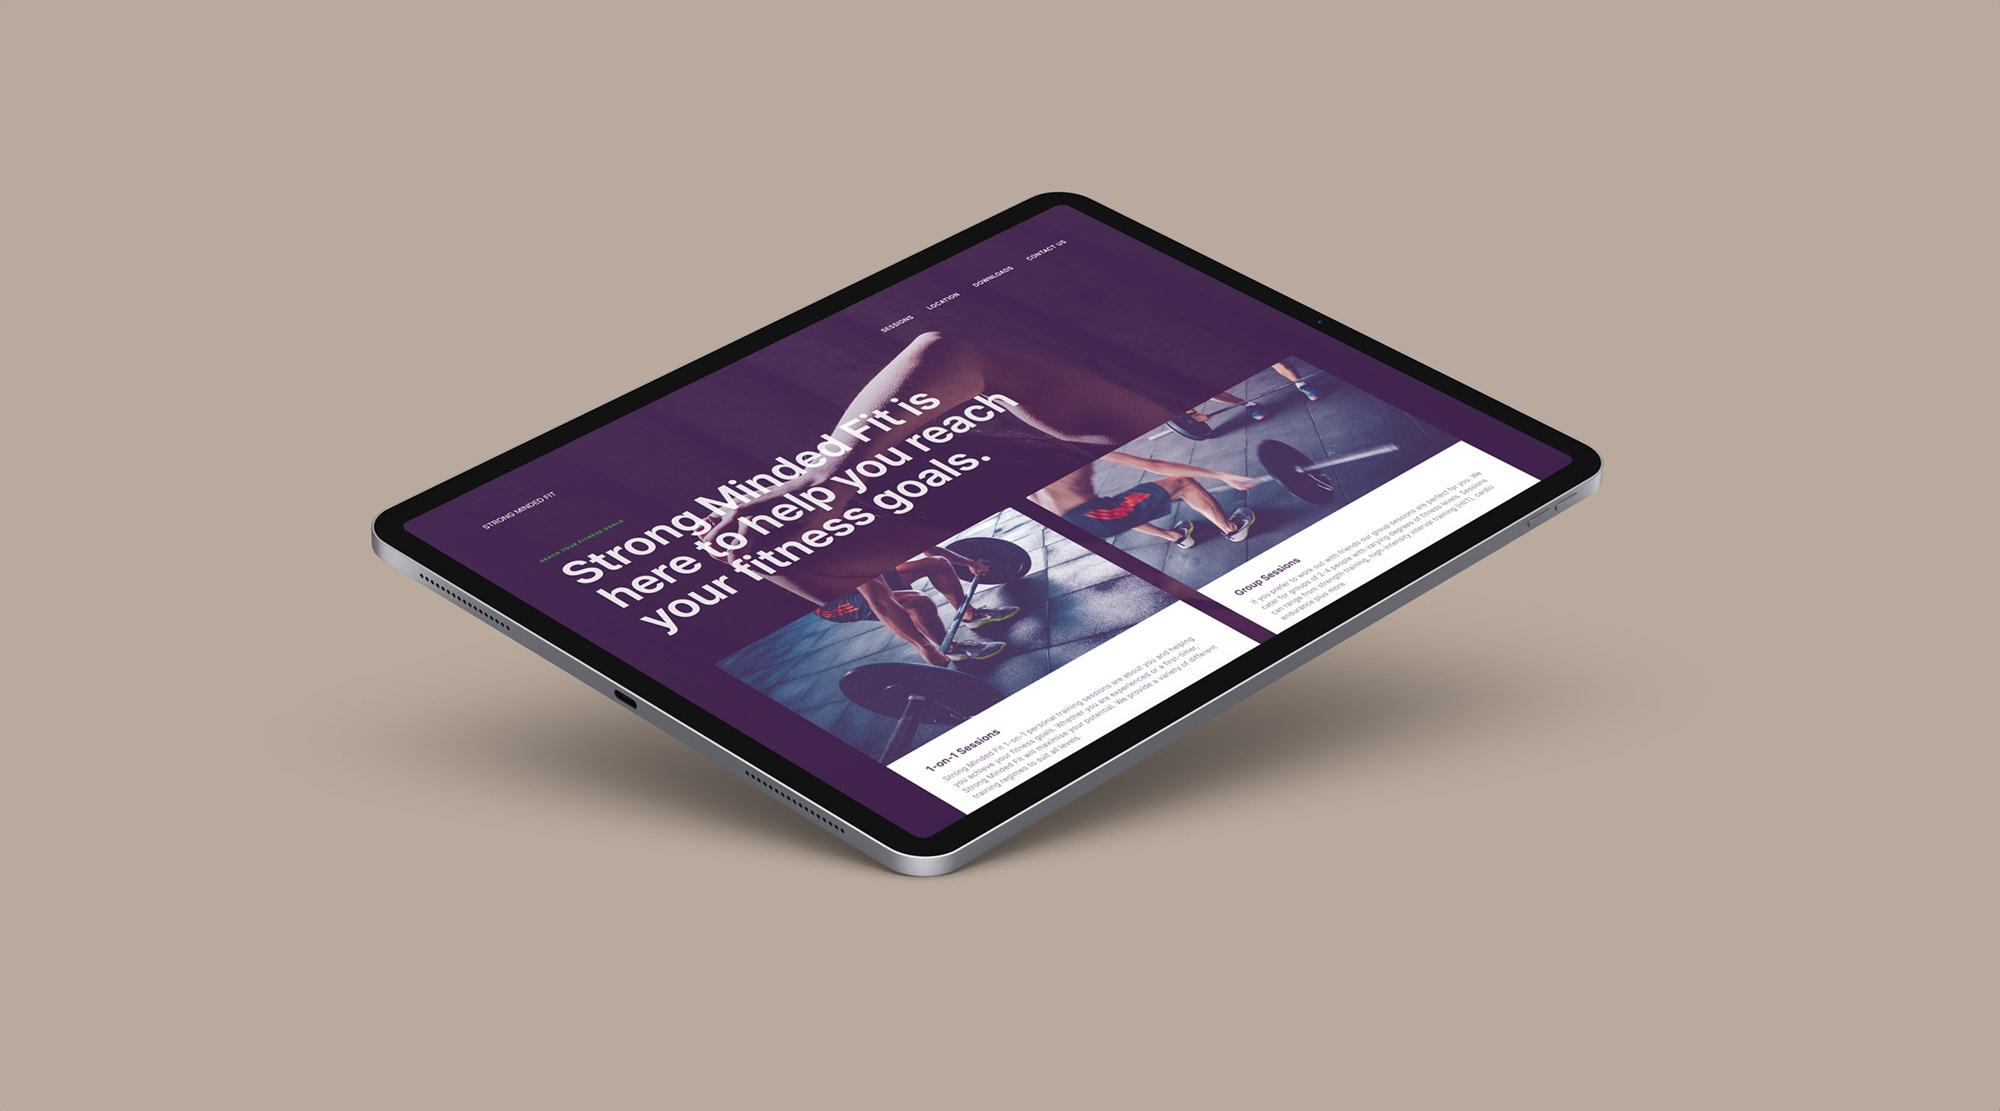 iPad--SMF